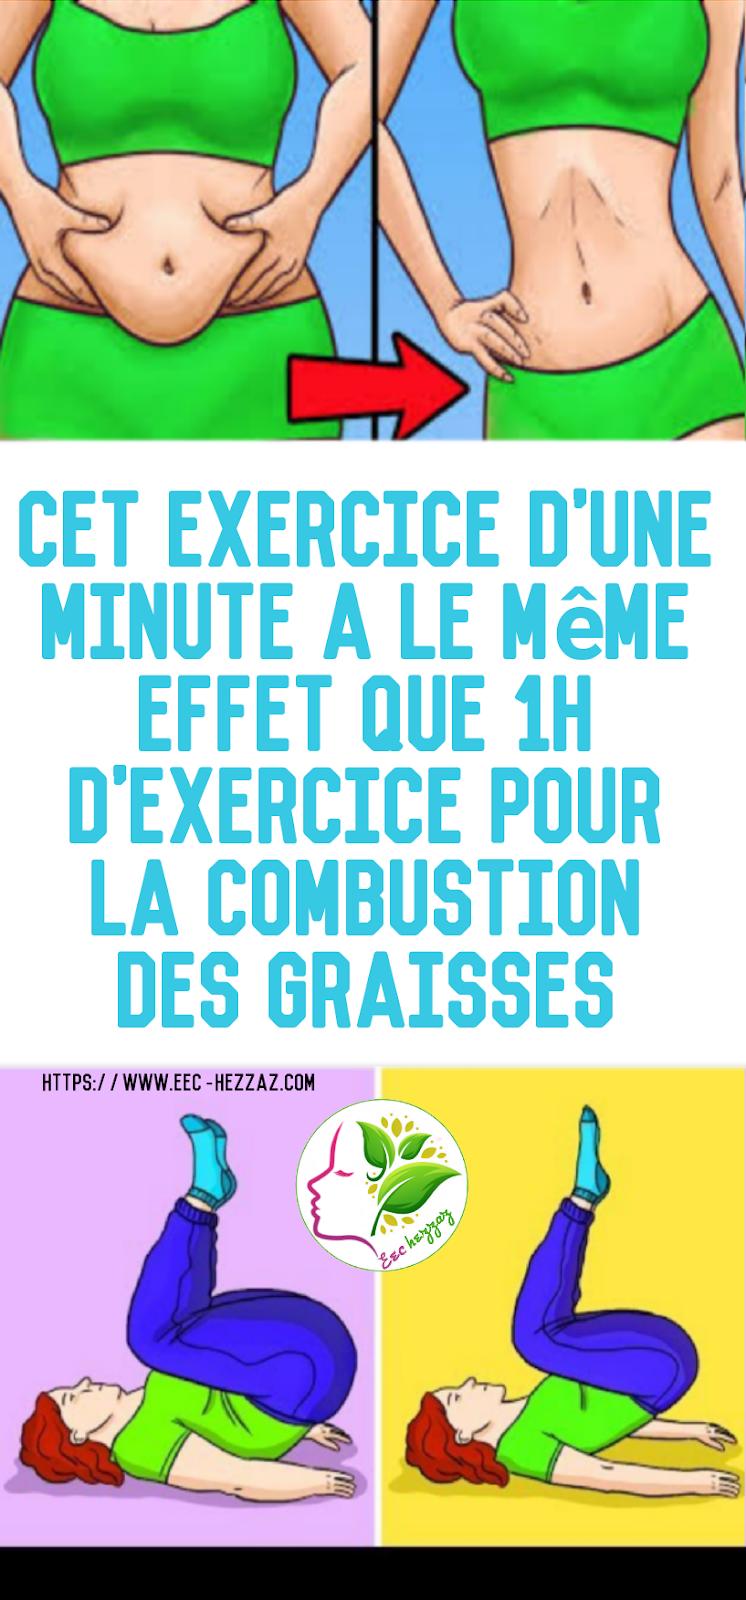 Cet exercice d'une minute a le même effet que 1h d'exercice pour la combustion des graisses